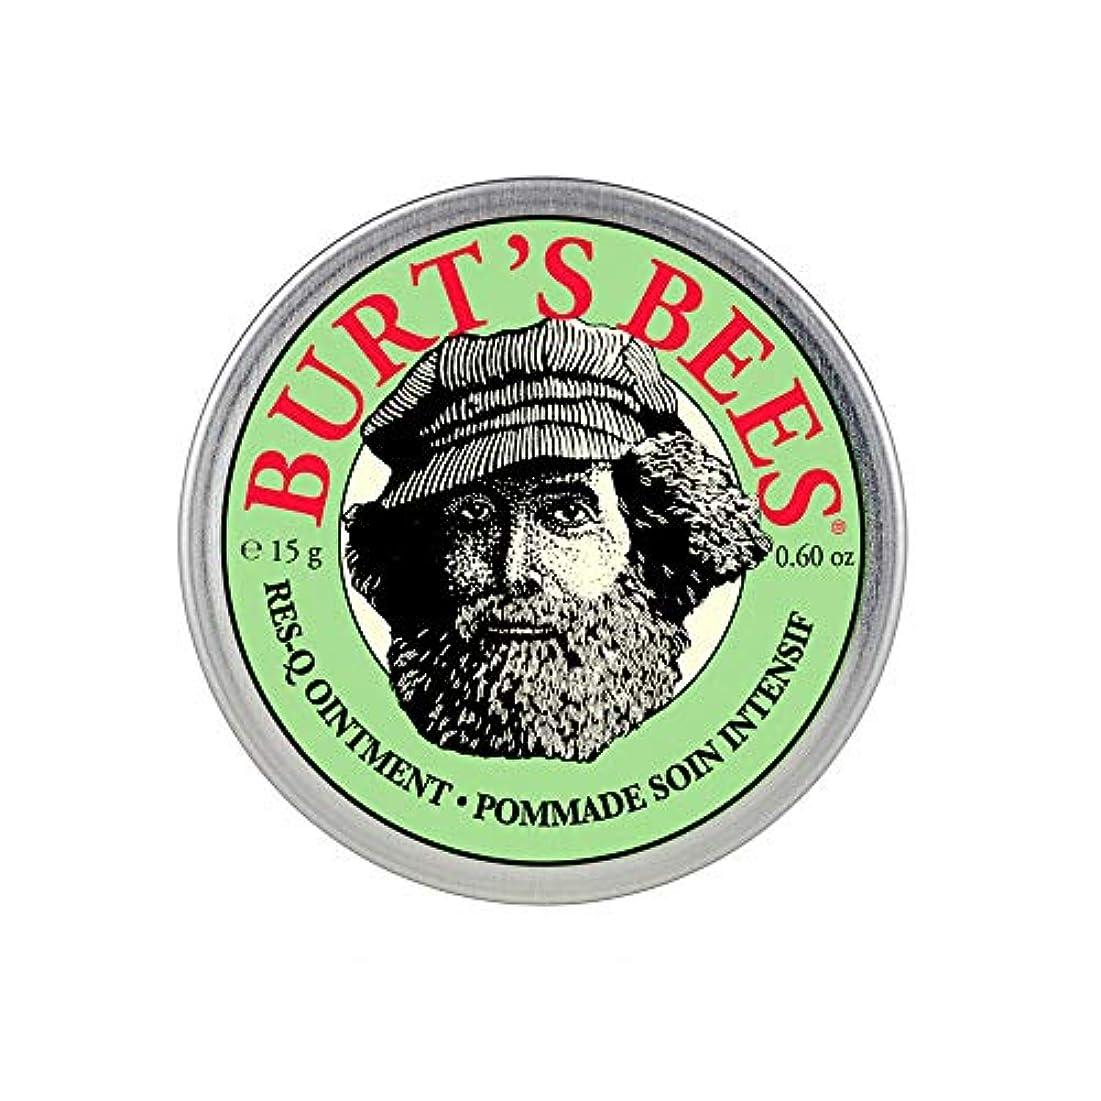 連帯キャンディーメトリックバーツビーズ(Burt's Bees) レスキュー オイントメント 15g [100%ナチュラル、軟膏] [海外直送][並行輸入品]